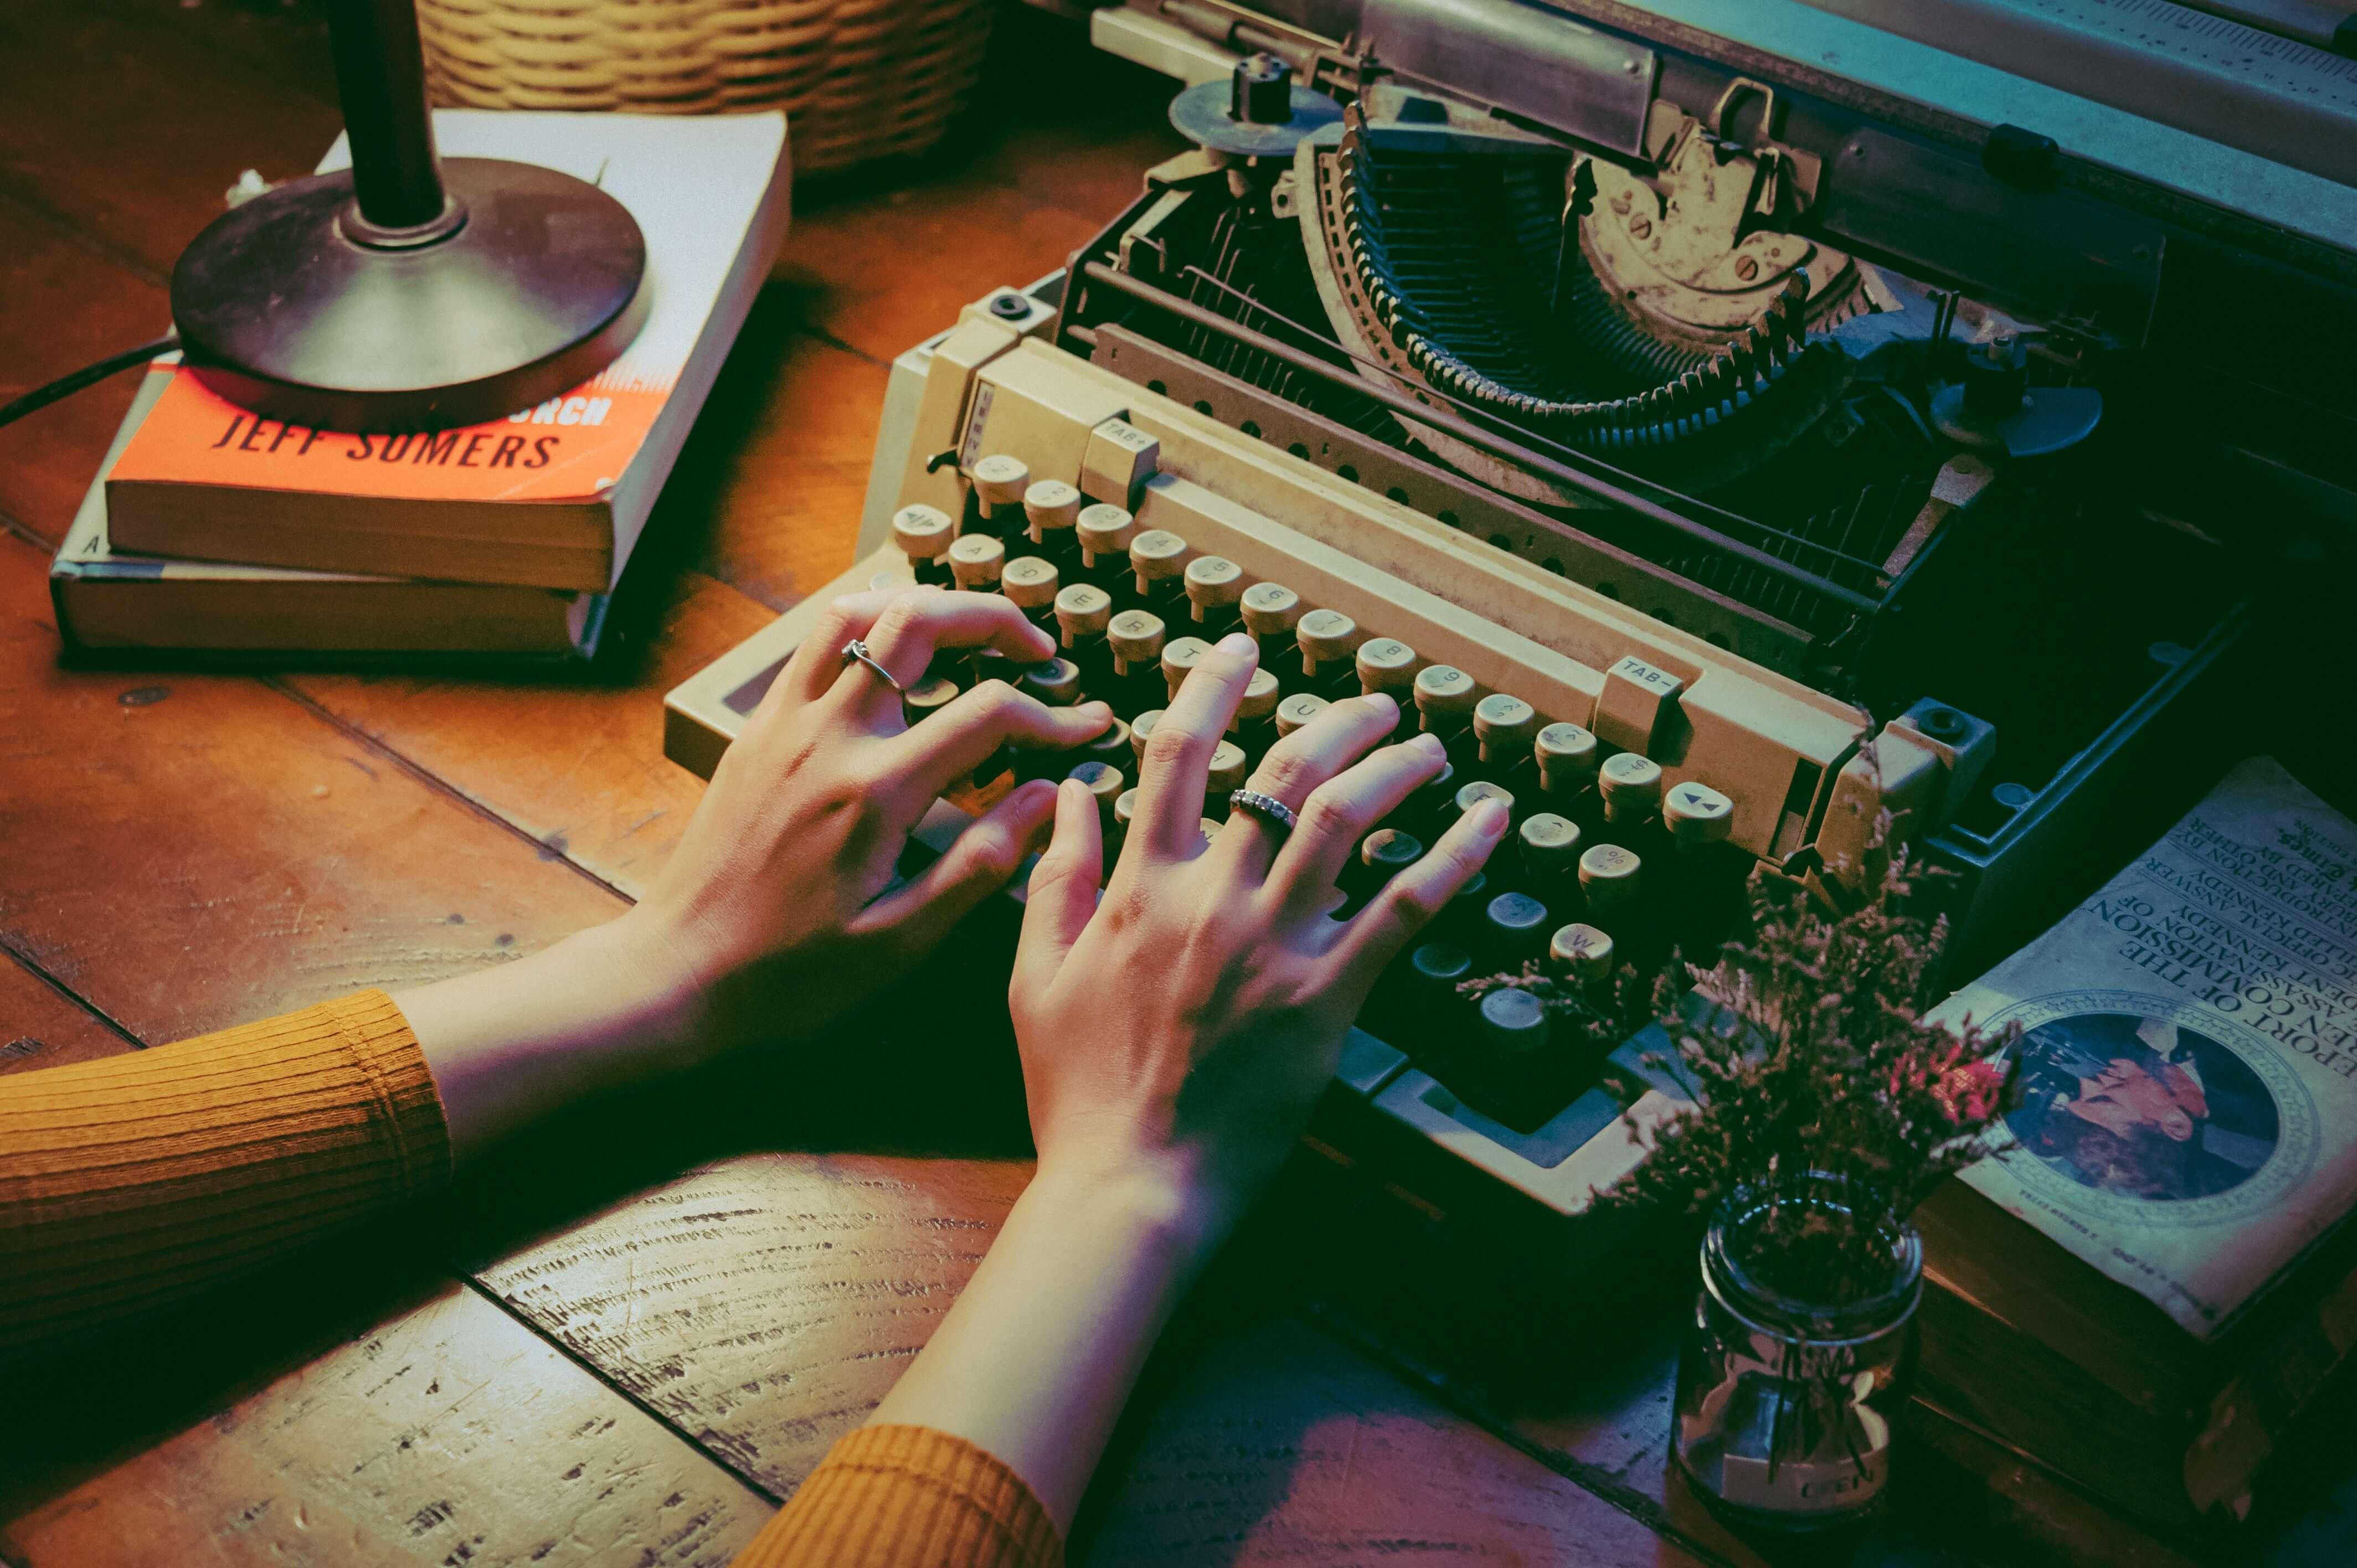 Woman using typewriter